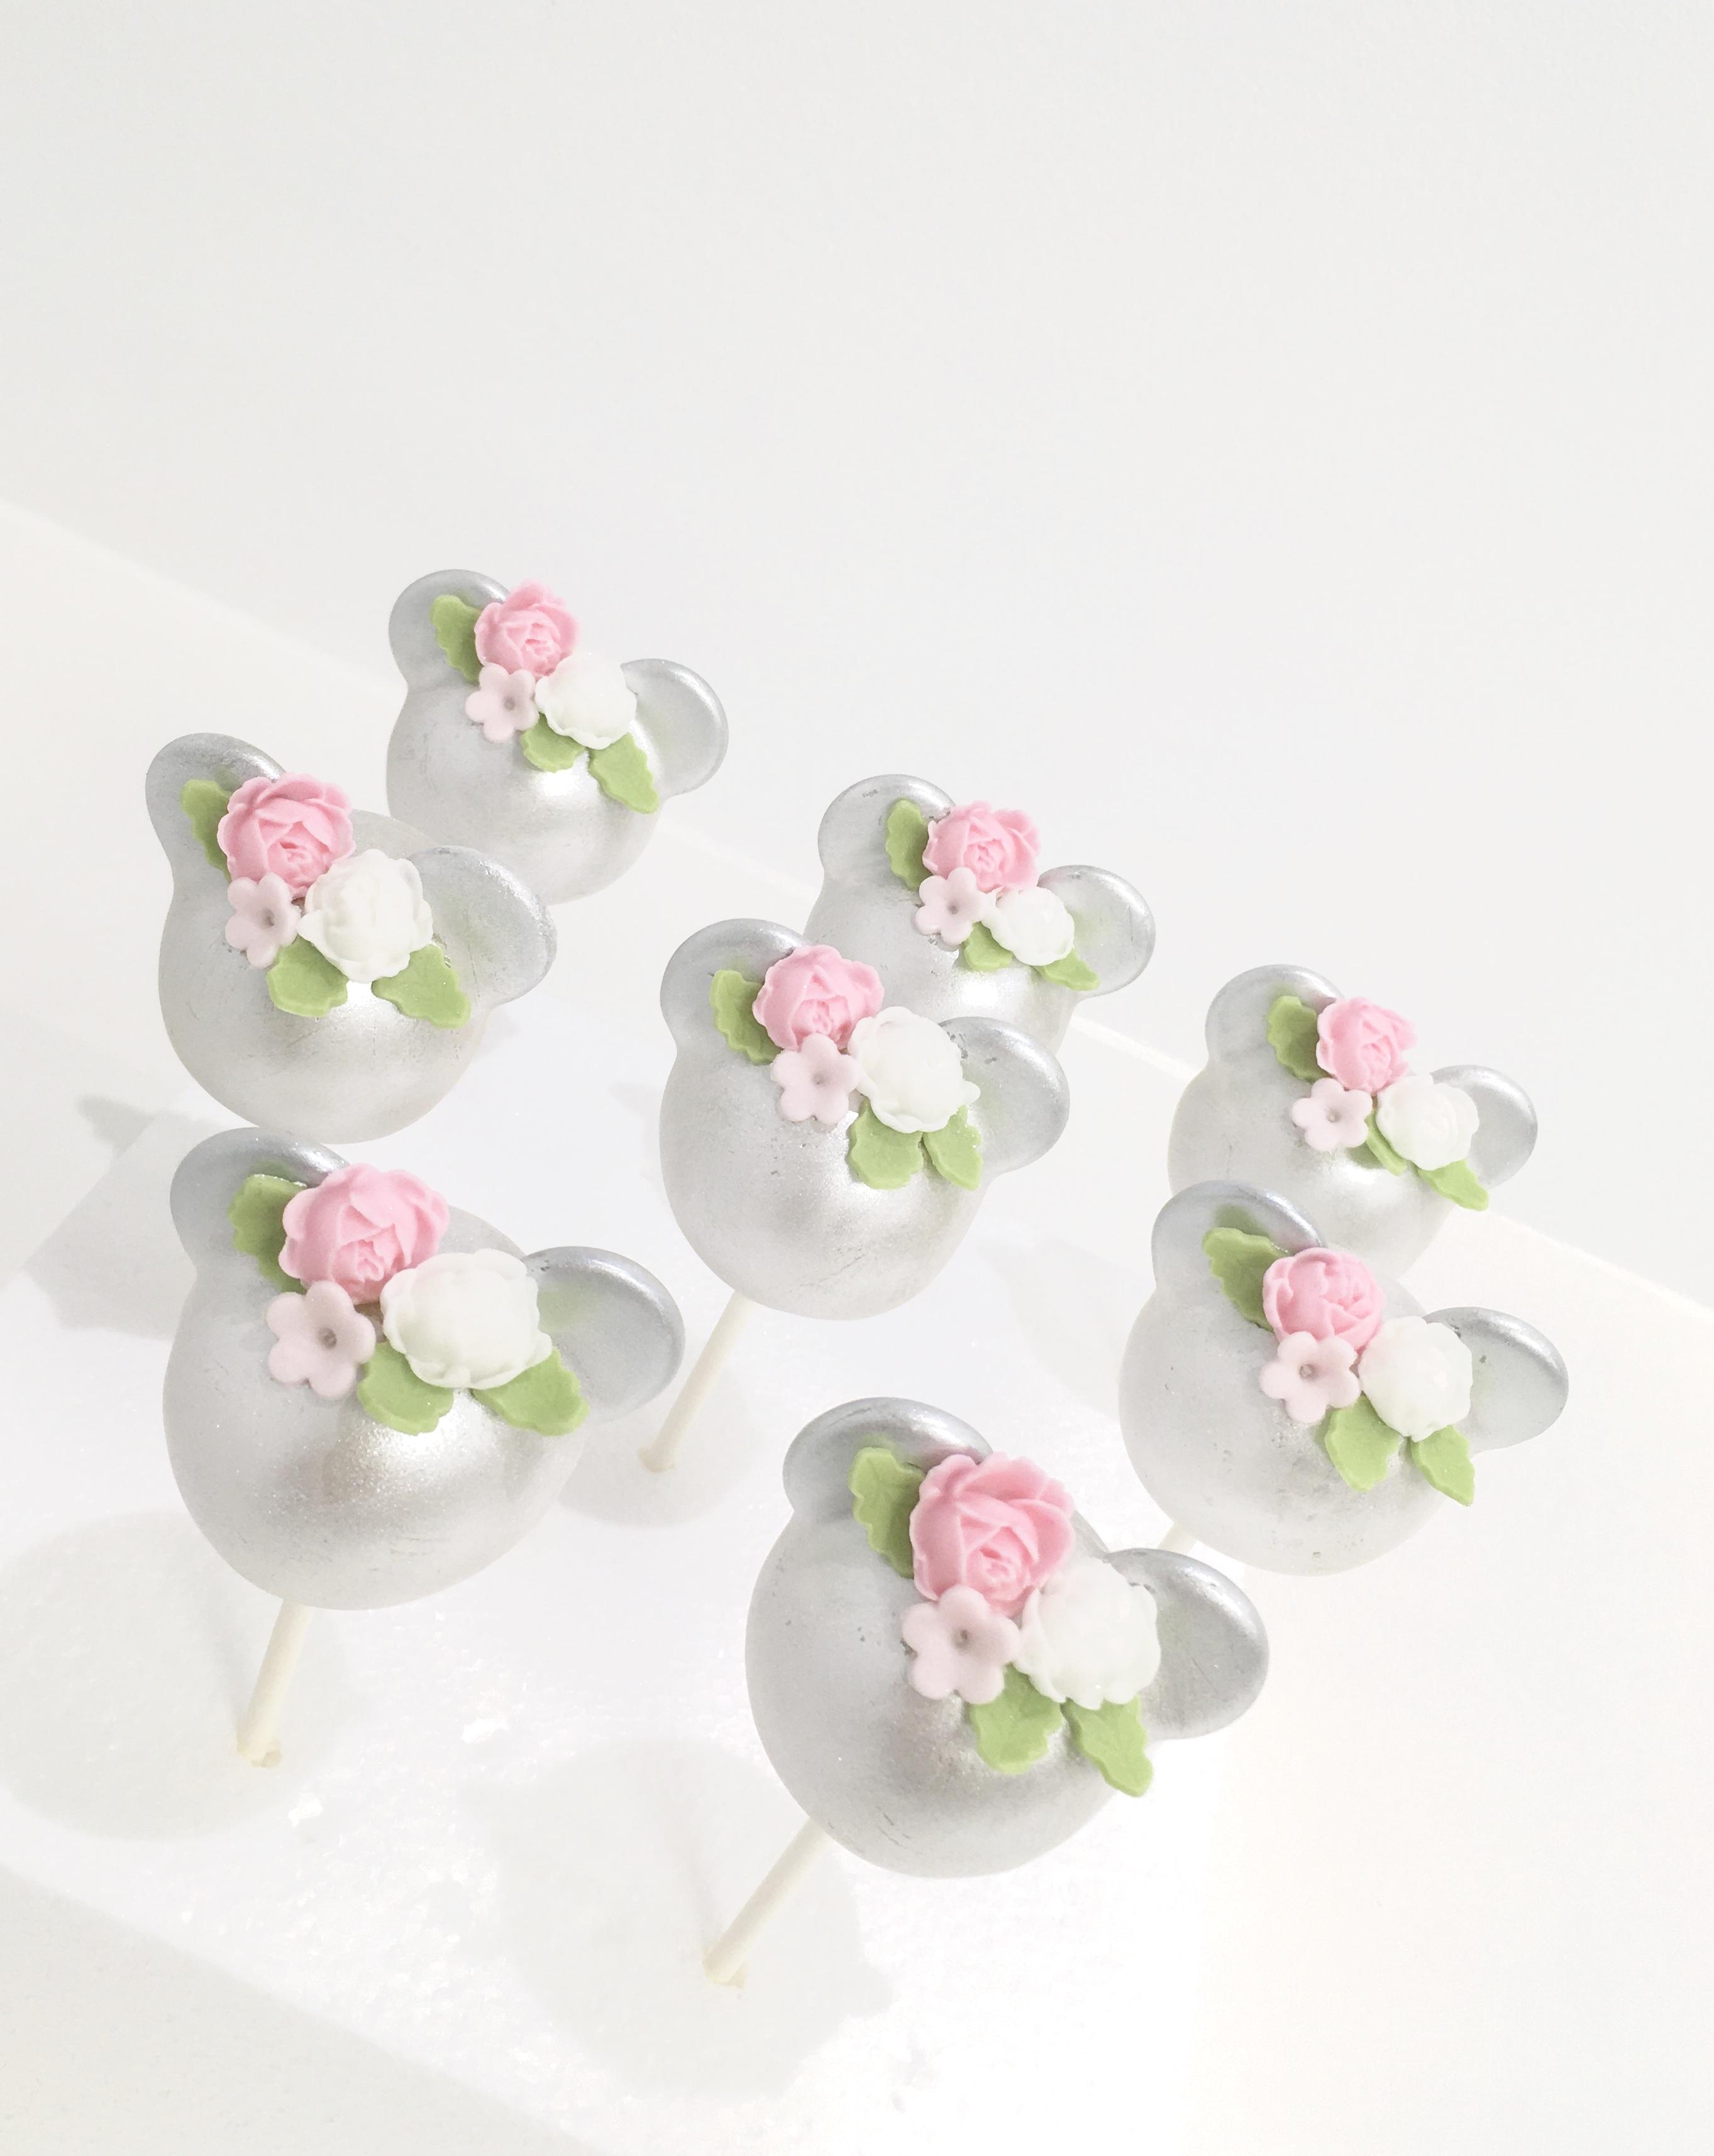 Gâteaux individuels personnalisés Baptême - Popcakes Thème Minnie et fleurs